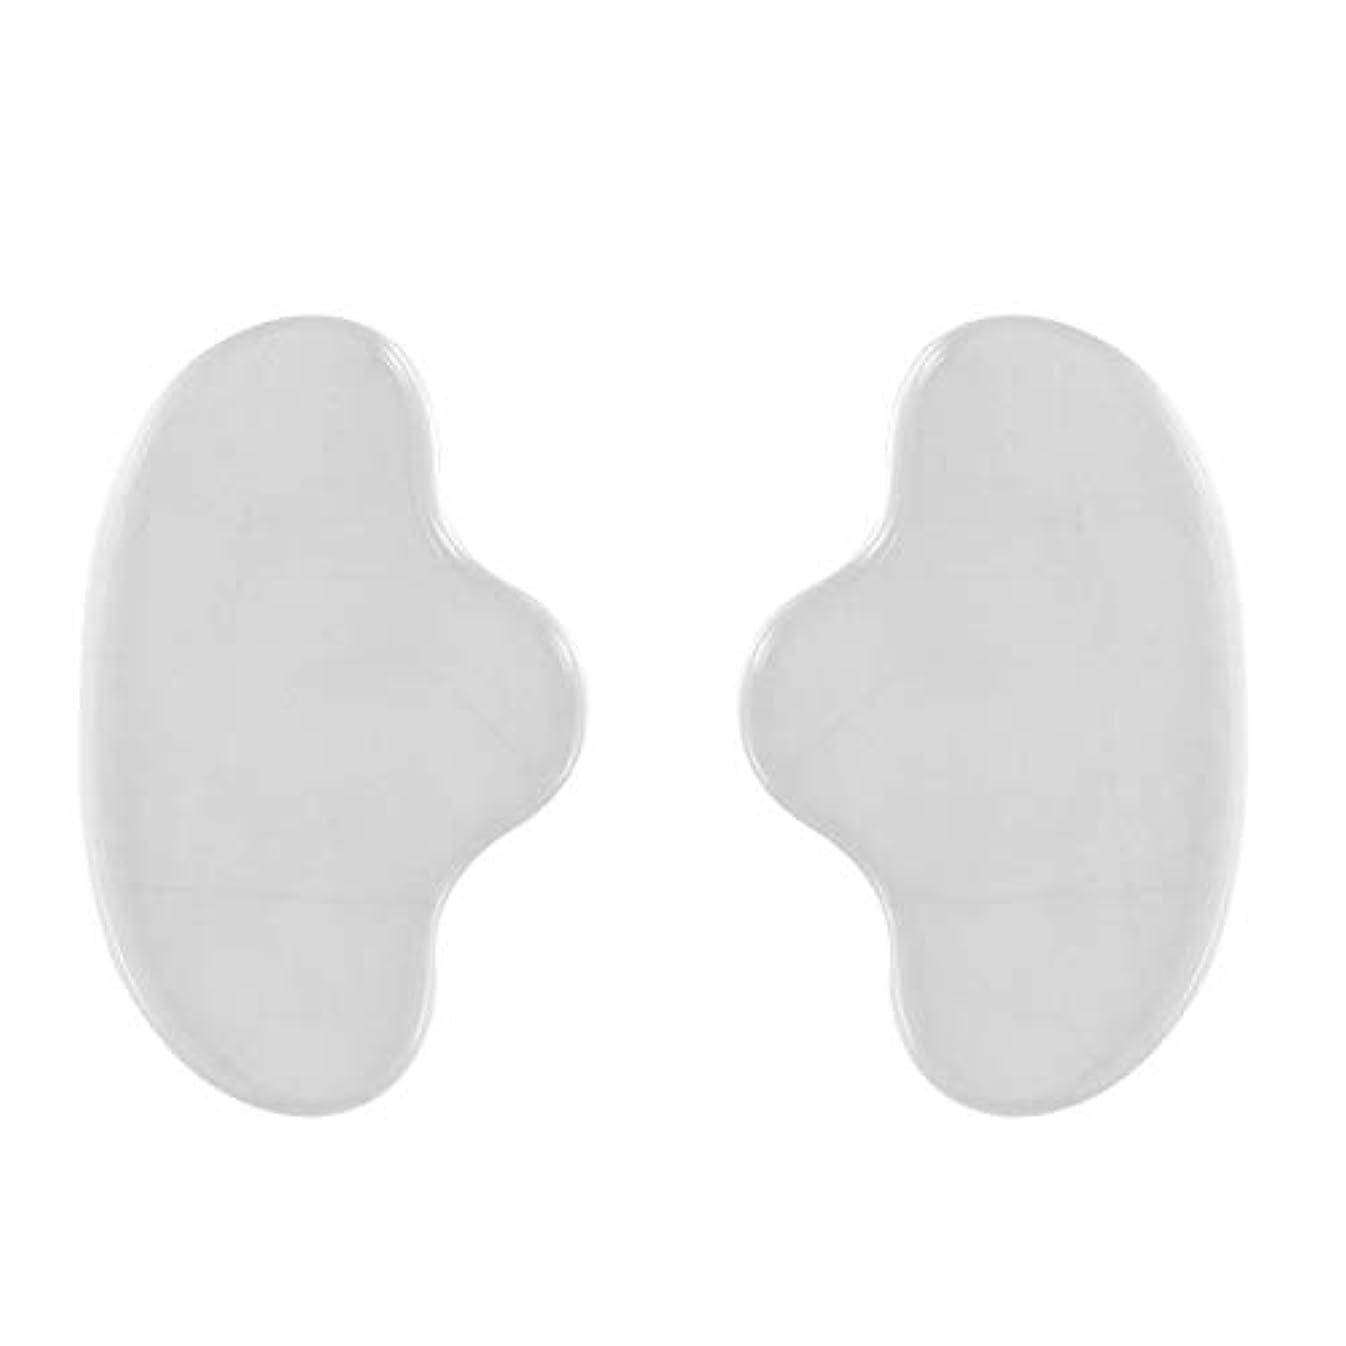 ふくろう聖歌サービスHealiftyシリコンフェイシャルチンマスクフェイスパッドシワ防止リムーバーパッチ再利用可能な見えないパッド防止フェイスシワ2個